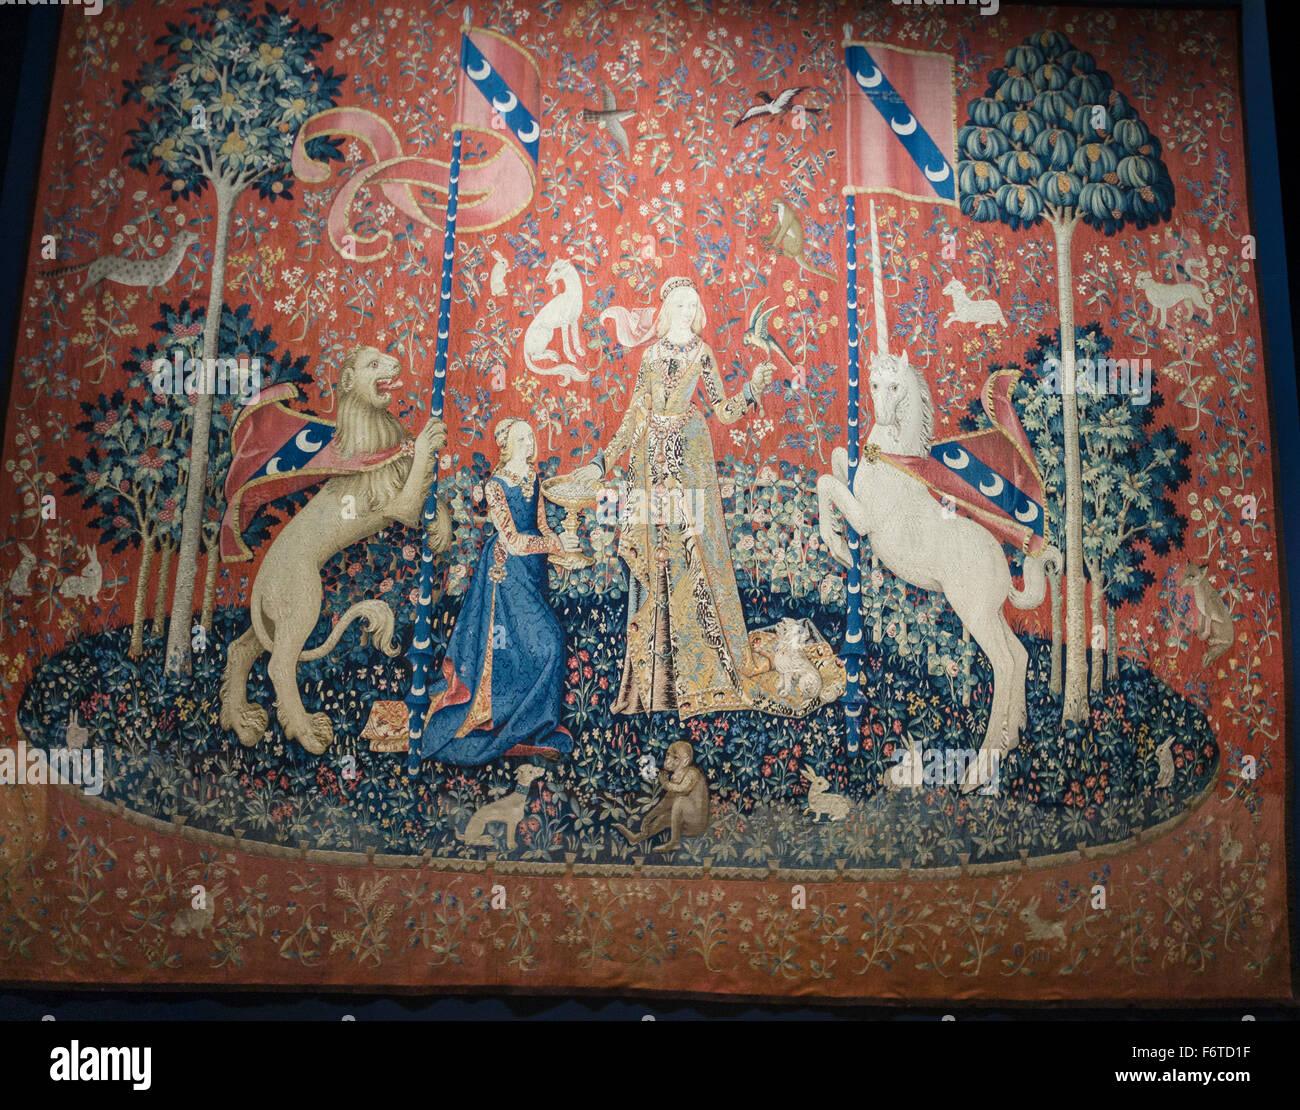 Lady e la tappezzeria di Unicorn: gusto. Uno di una serie di famosi arazzi che coinvolge una donna e un unicorno Immagini Stock